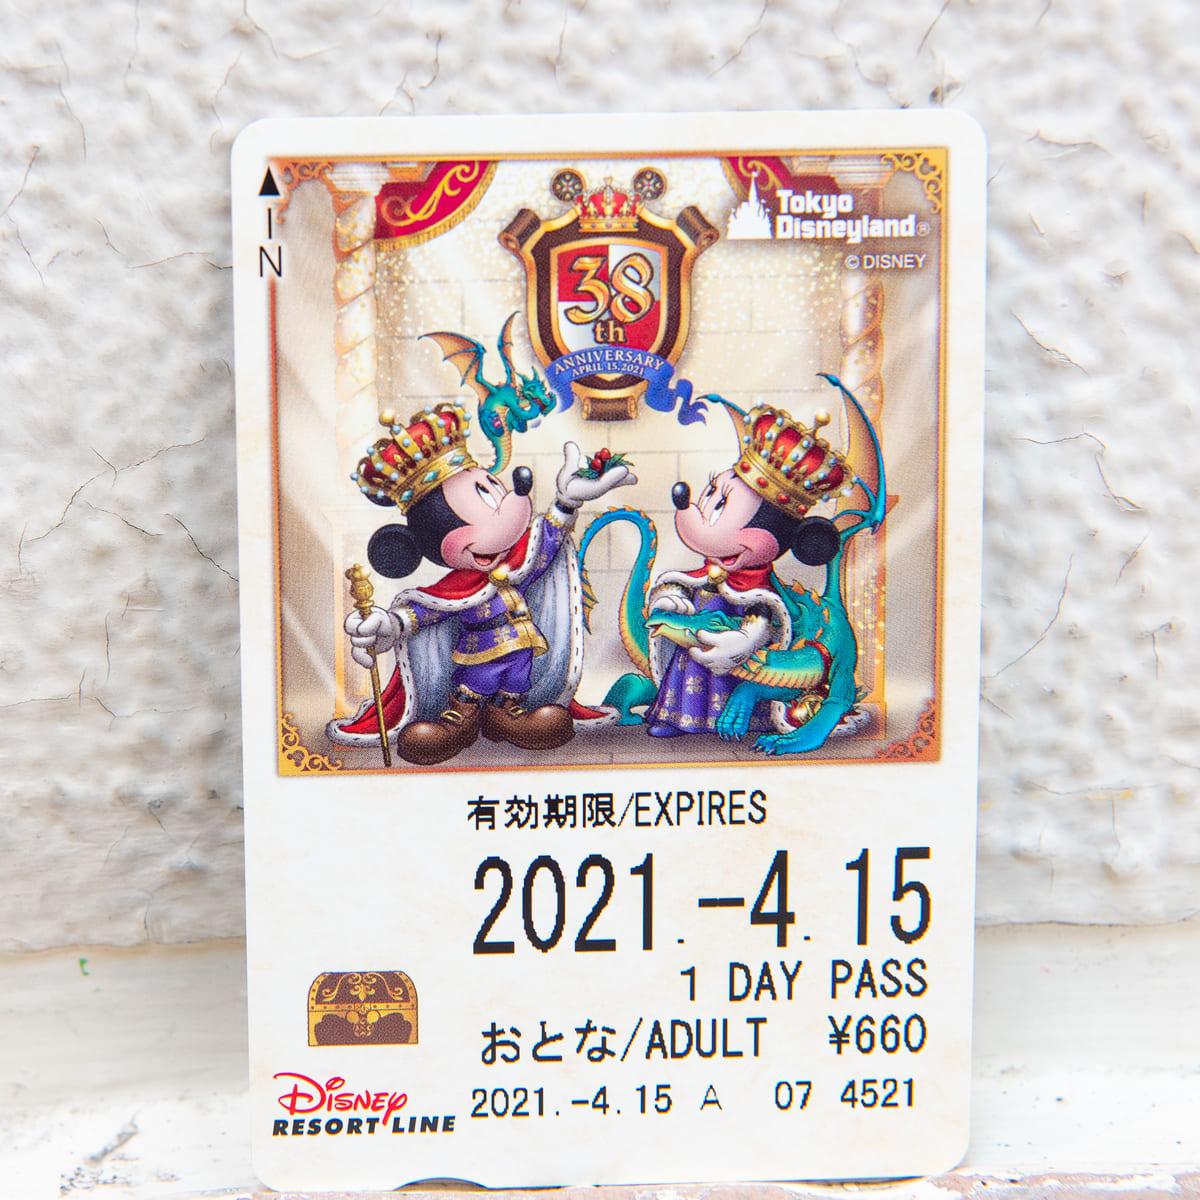 ディズニーリゾートライン東京ディズニーランド 開園38周年記念フリーきっぷ